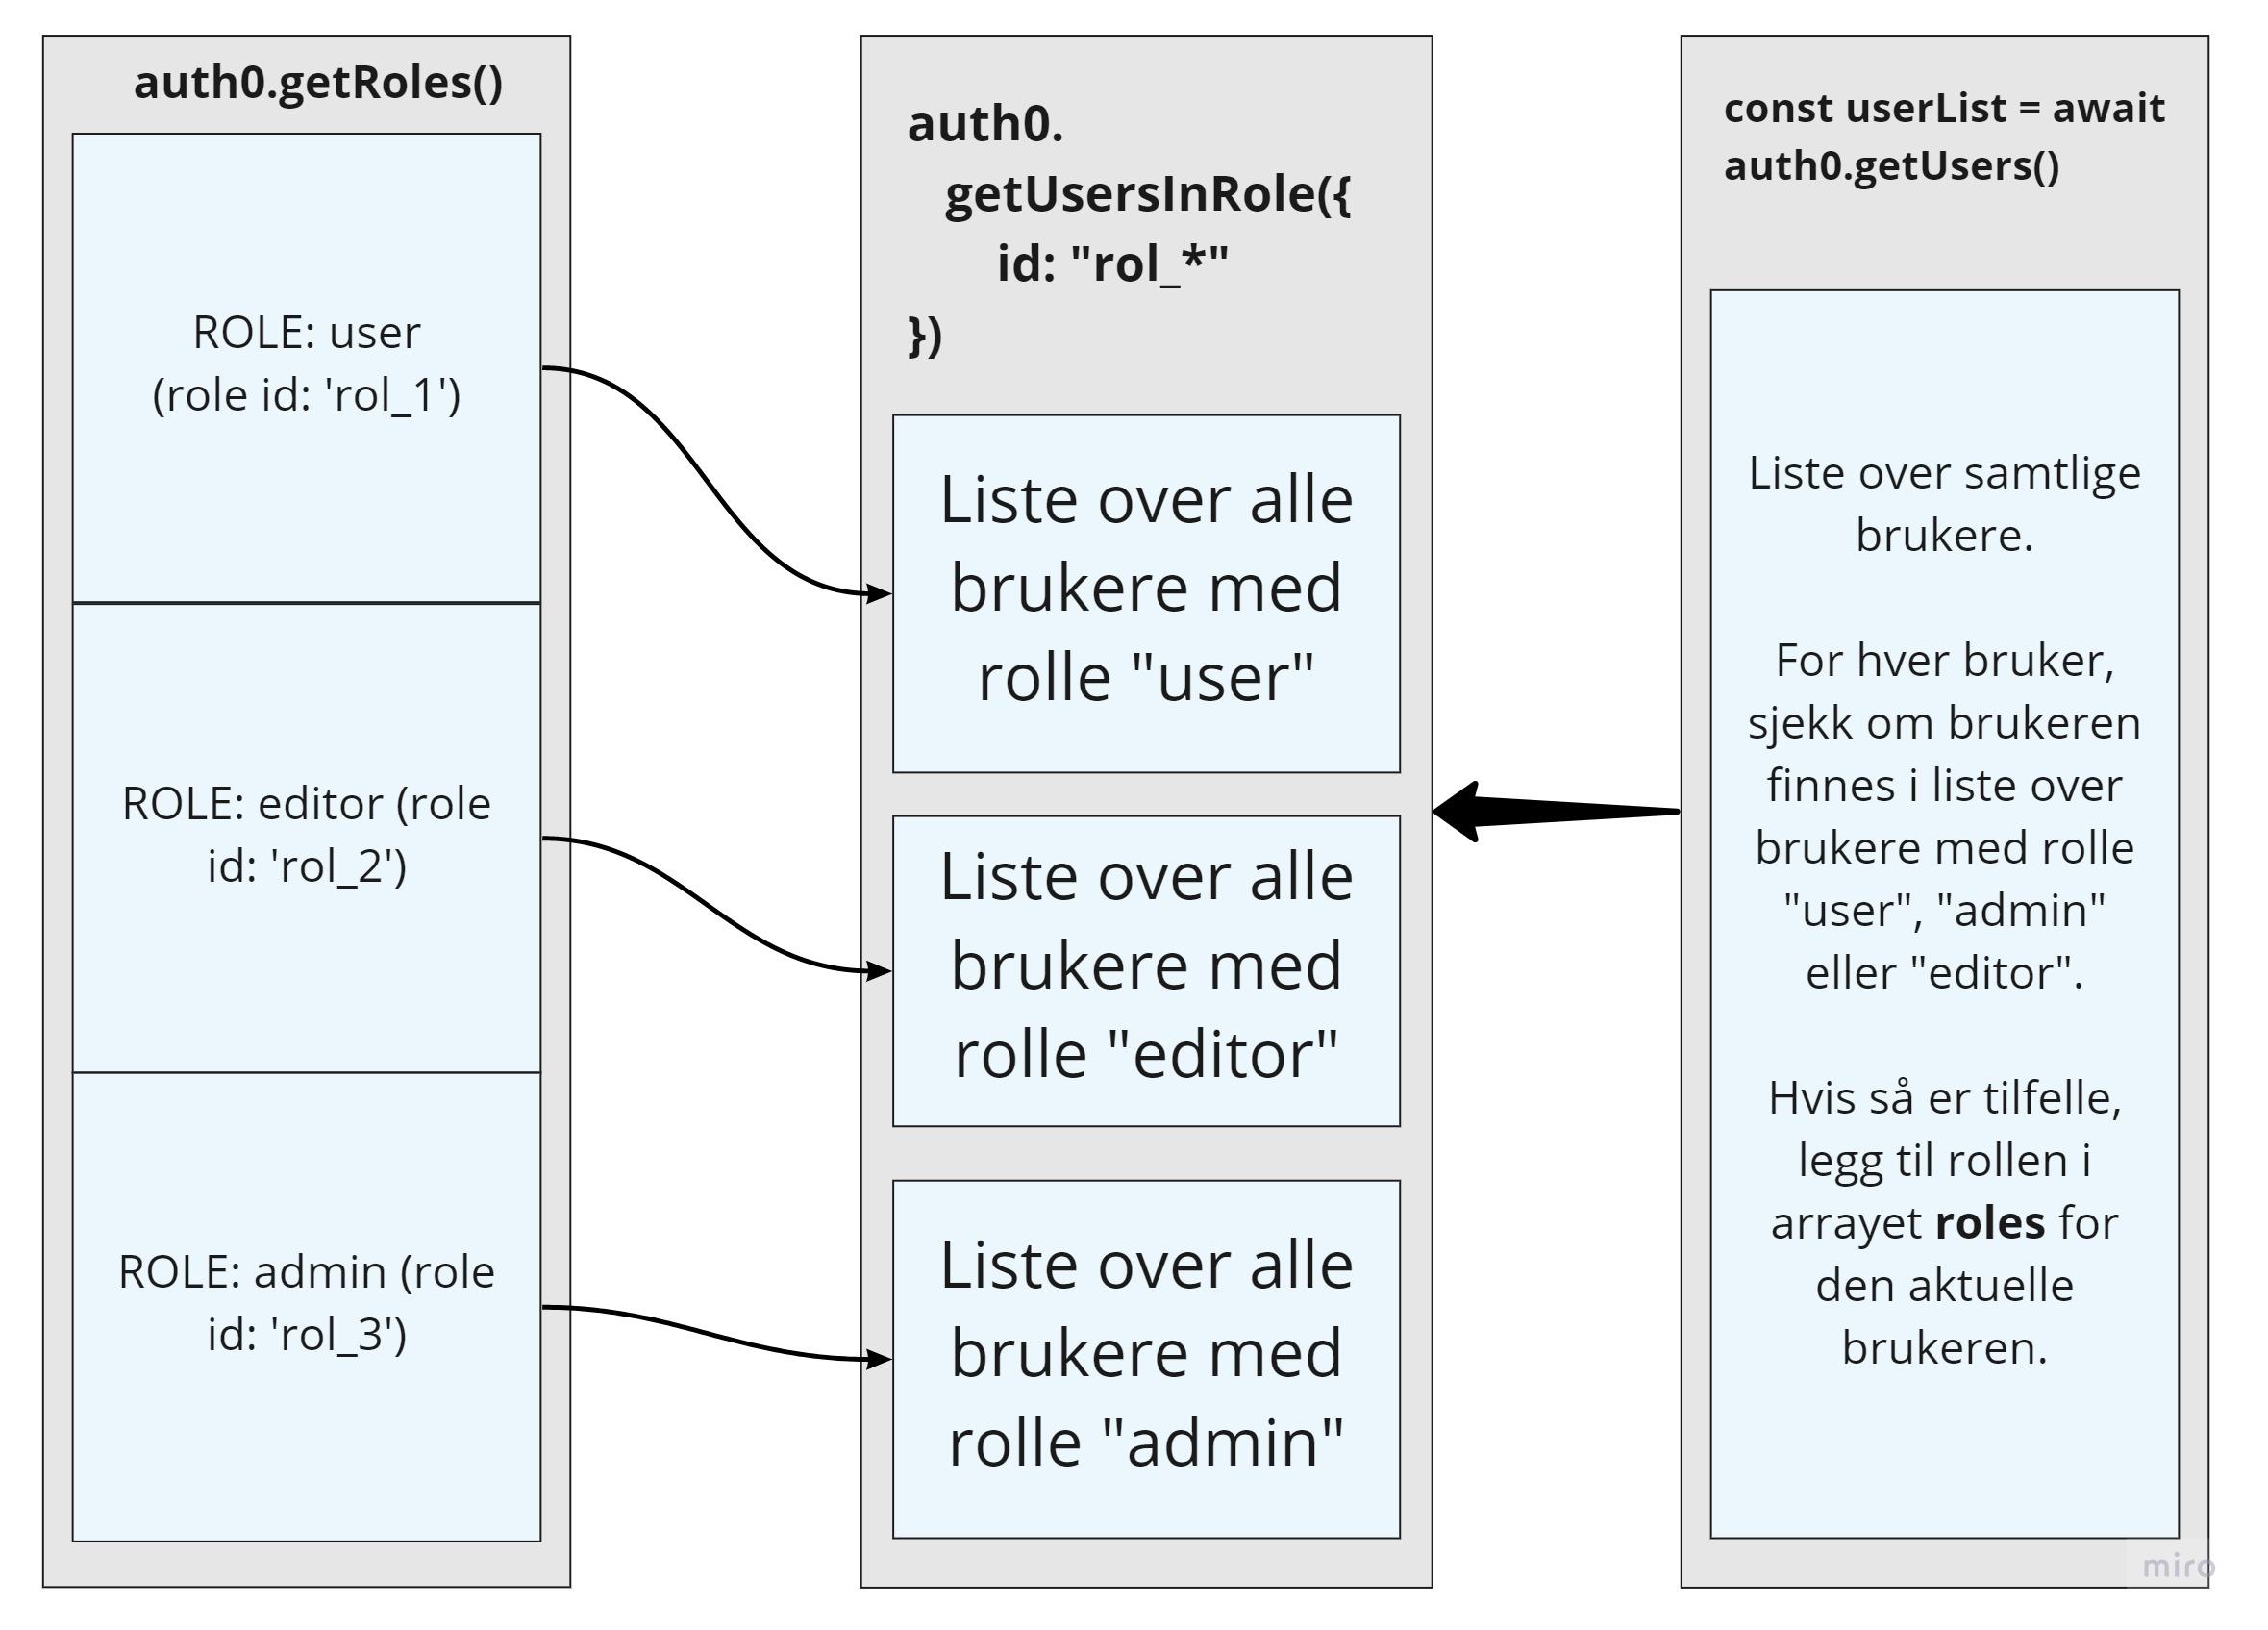 Skisse som viser hvordan vi bygger opp et nytt array med brukere, der hver bruker har et array med alle rollene til brukeren.